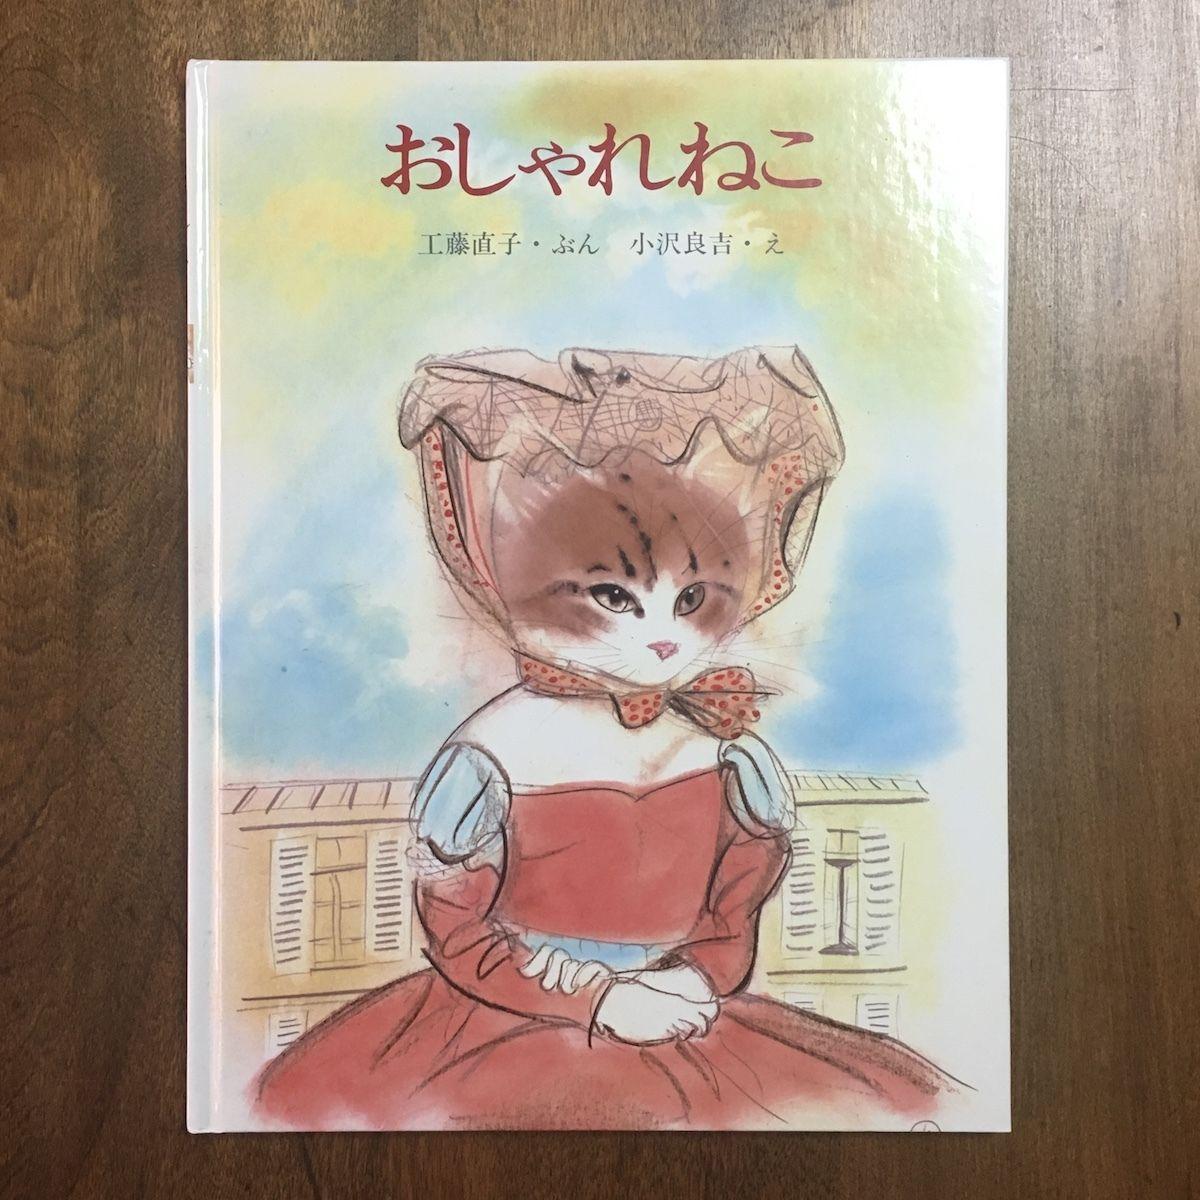 「おしゃれねこ」工藤直子 文 小沢良吉 絵